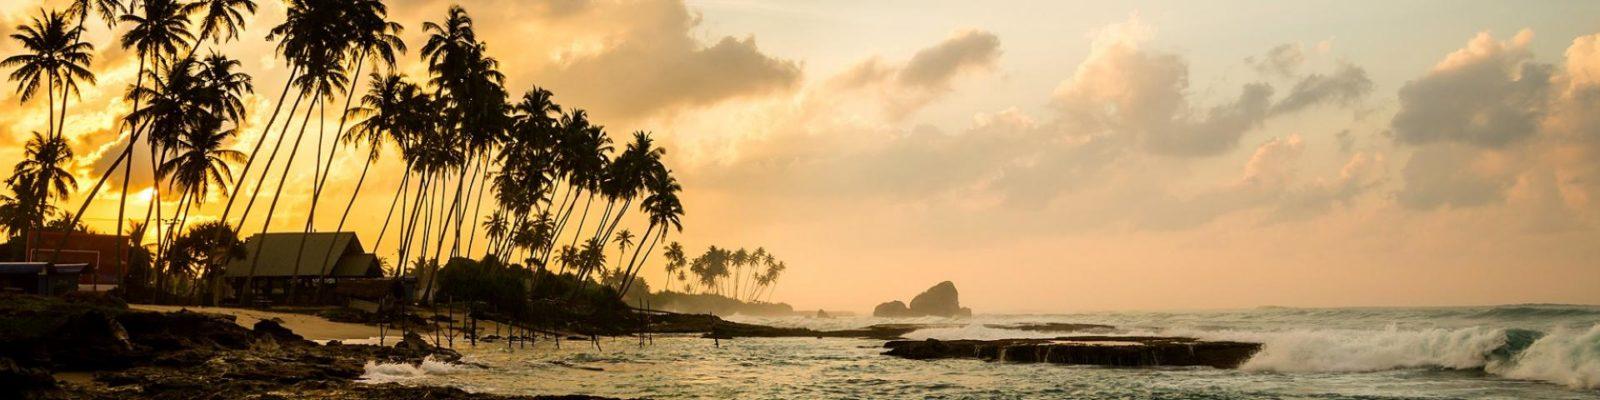 5 мест которые стоит посетить в Мадагаскаре